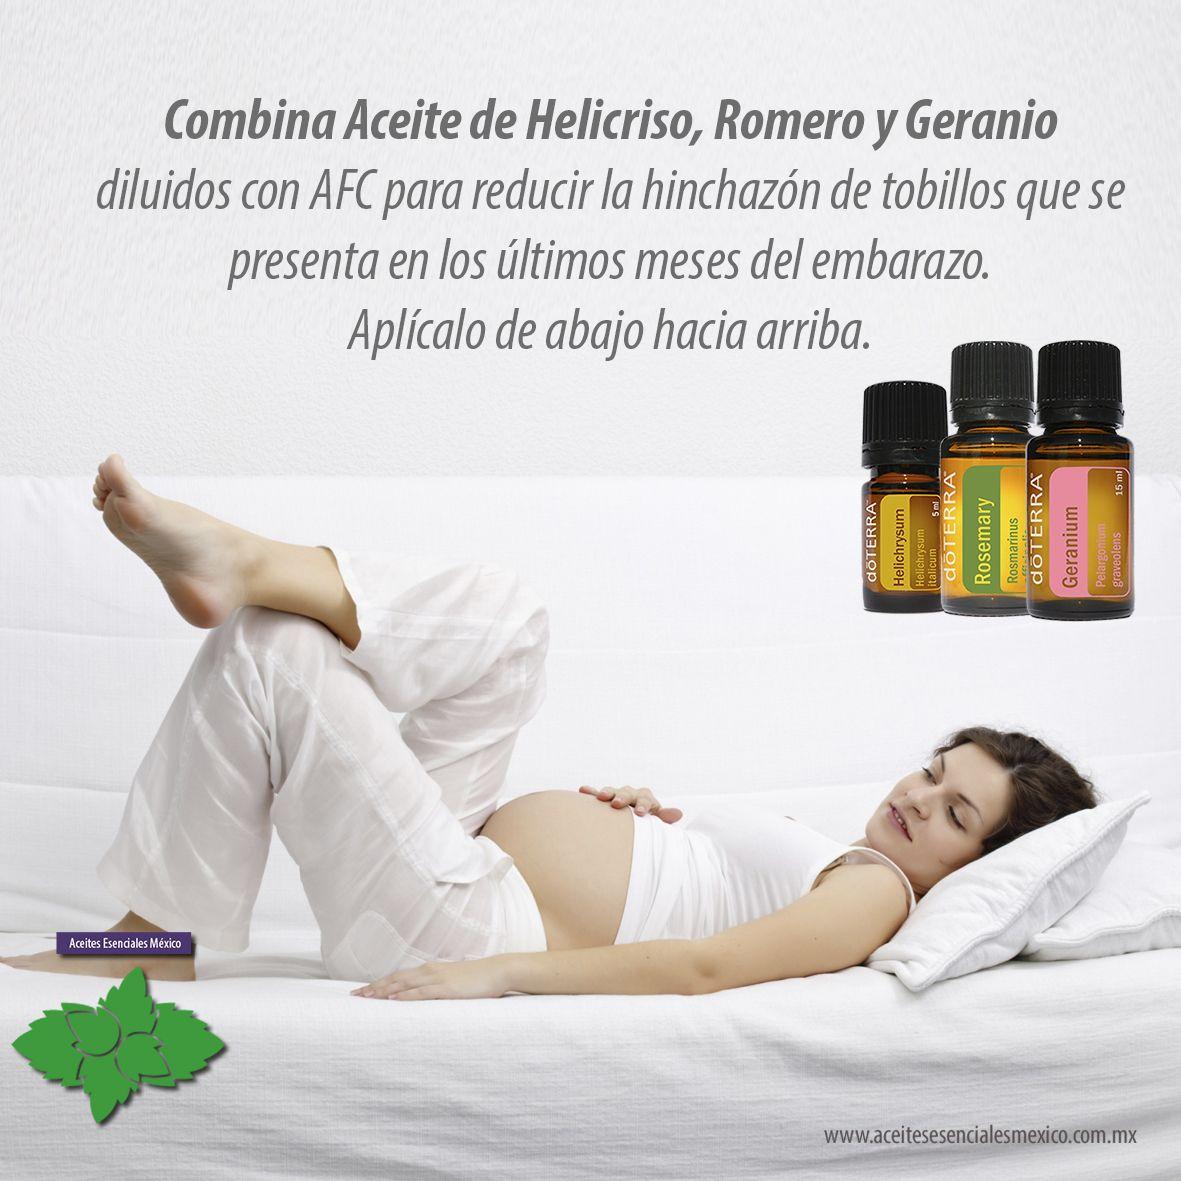 hinchazon+de+pies+en+el+embarazo+7+meses